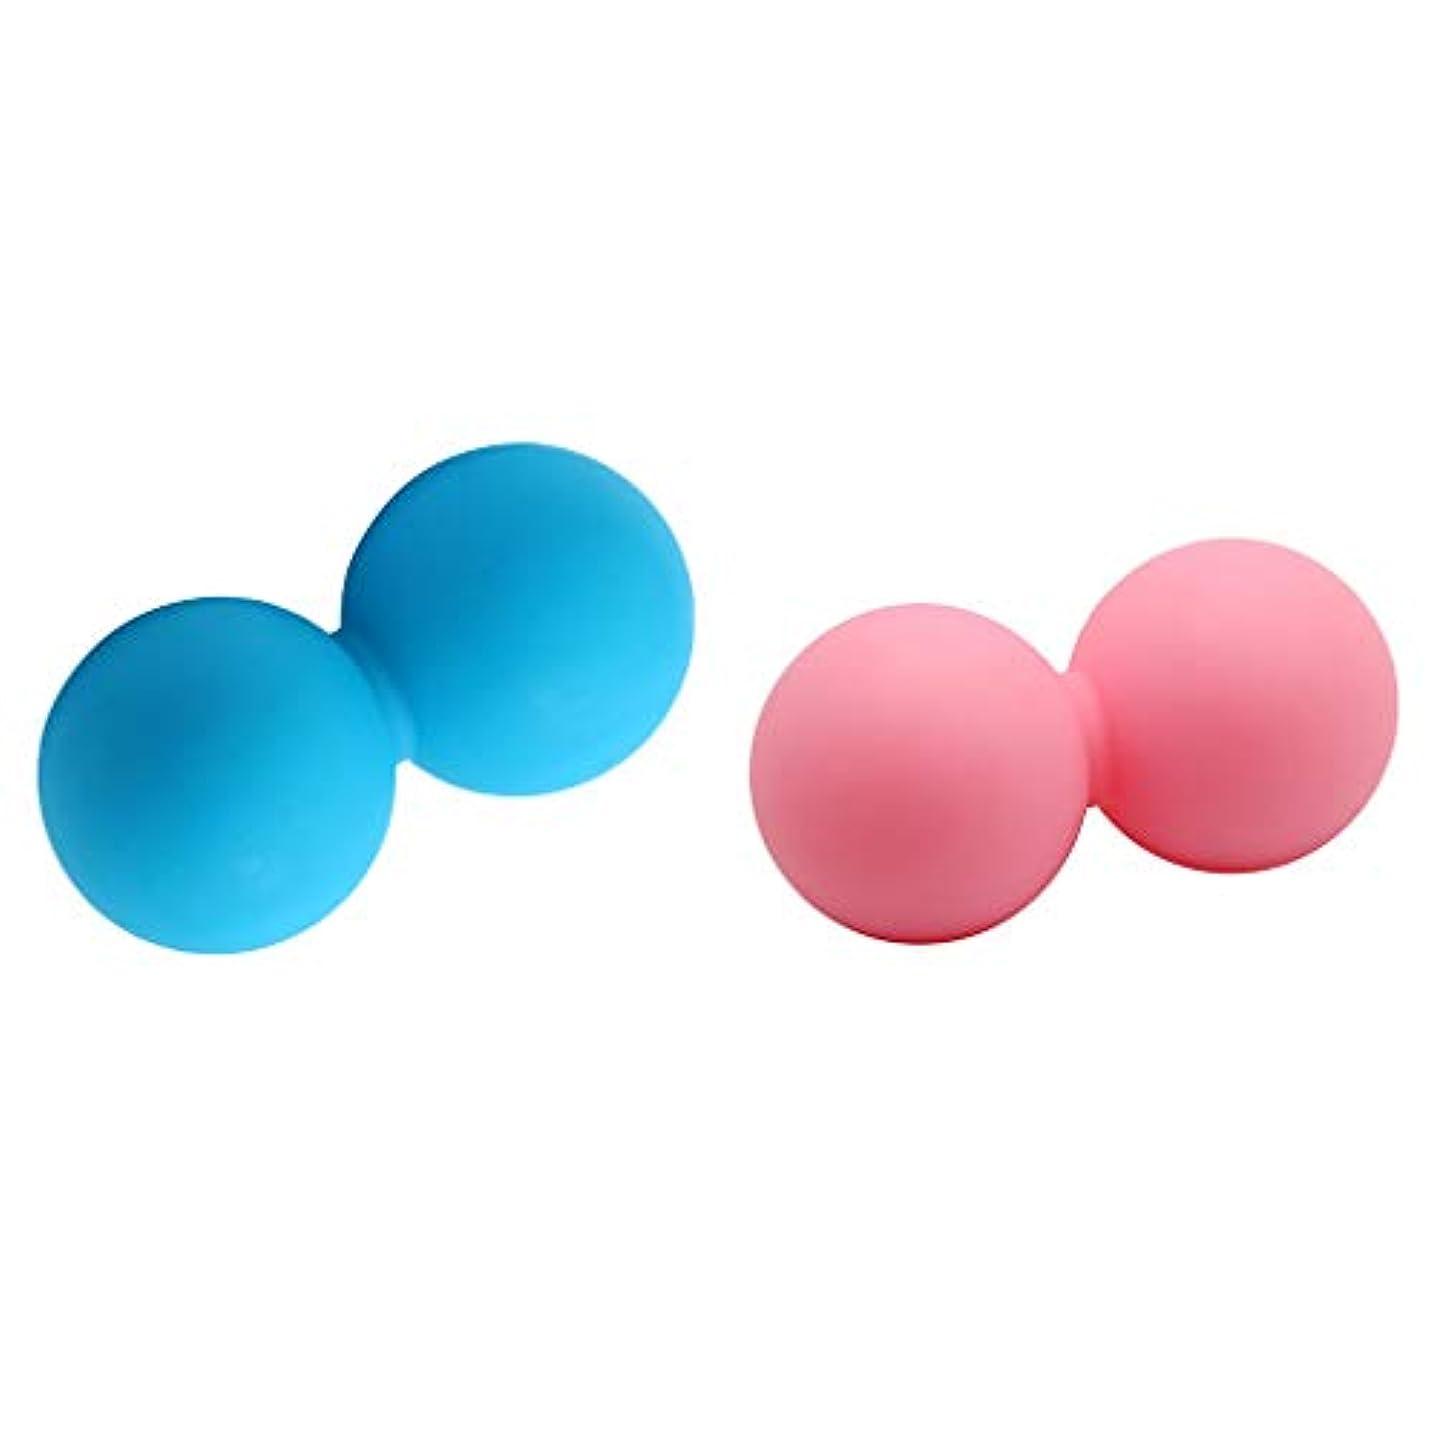 びっくりした窓を洗うソロ2ピース マッサージボール 筋膜トリガーポイント リリース マッサージ ダブル ボール シリコン